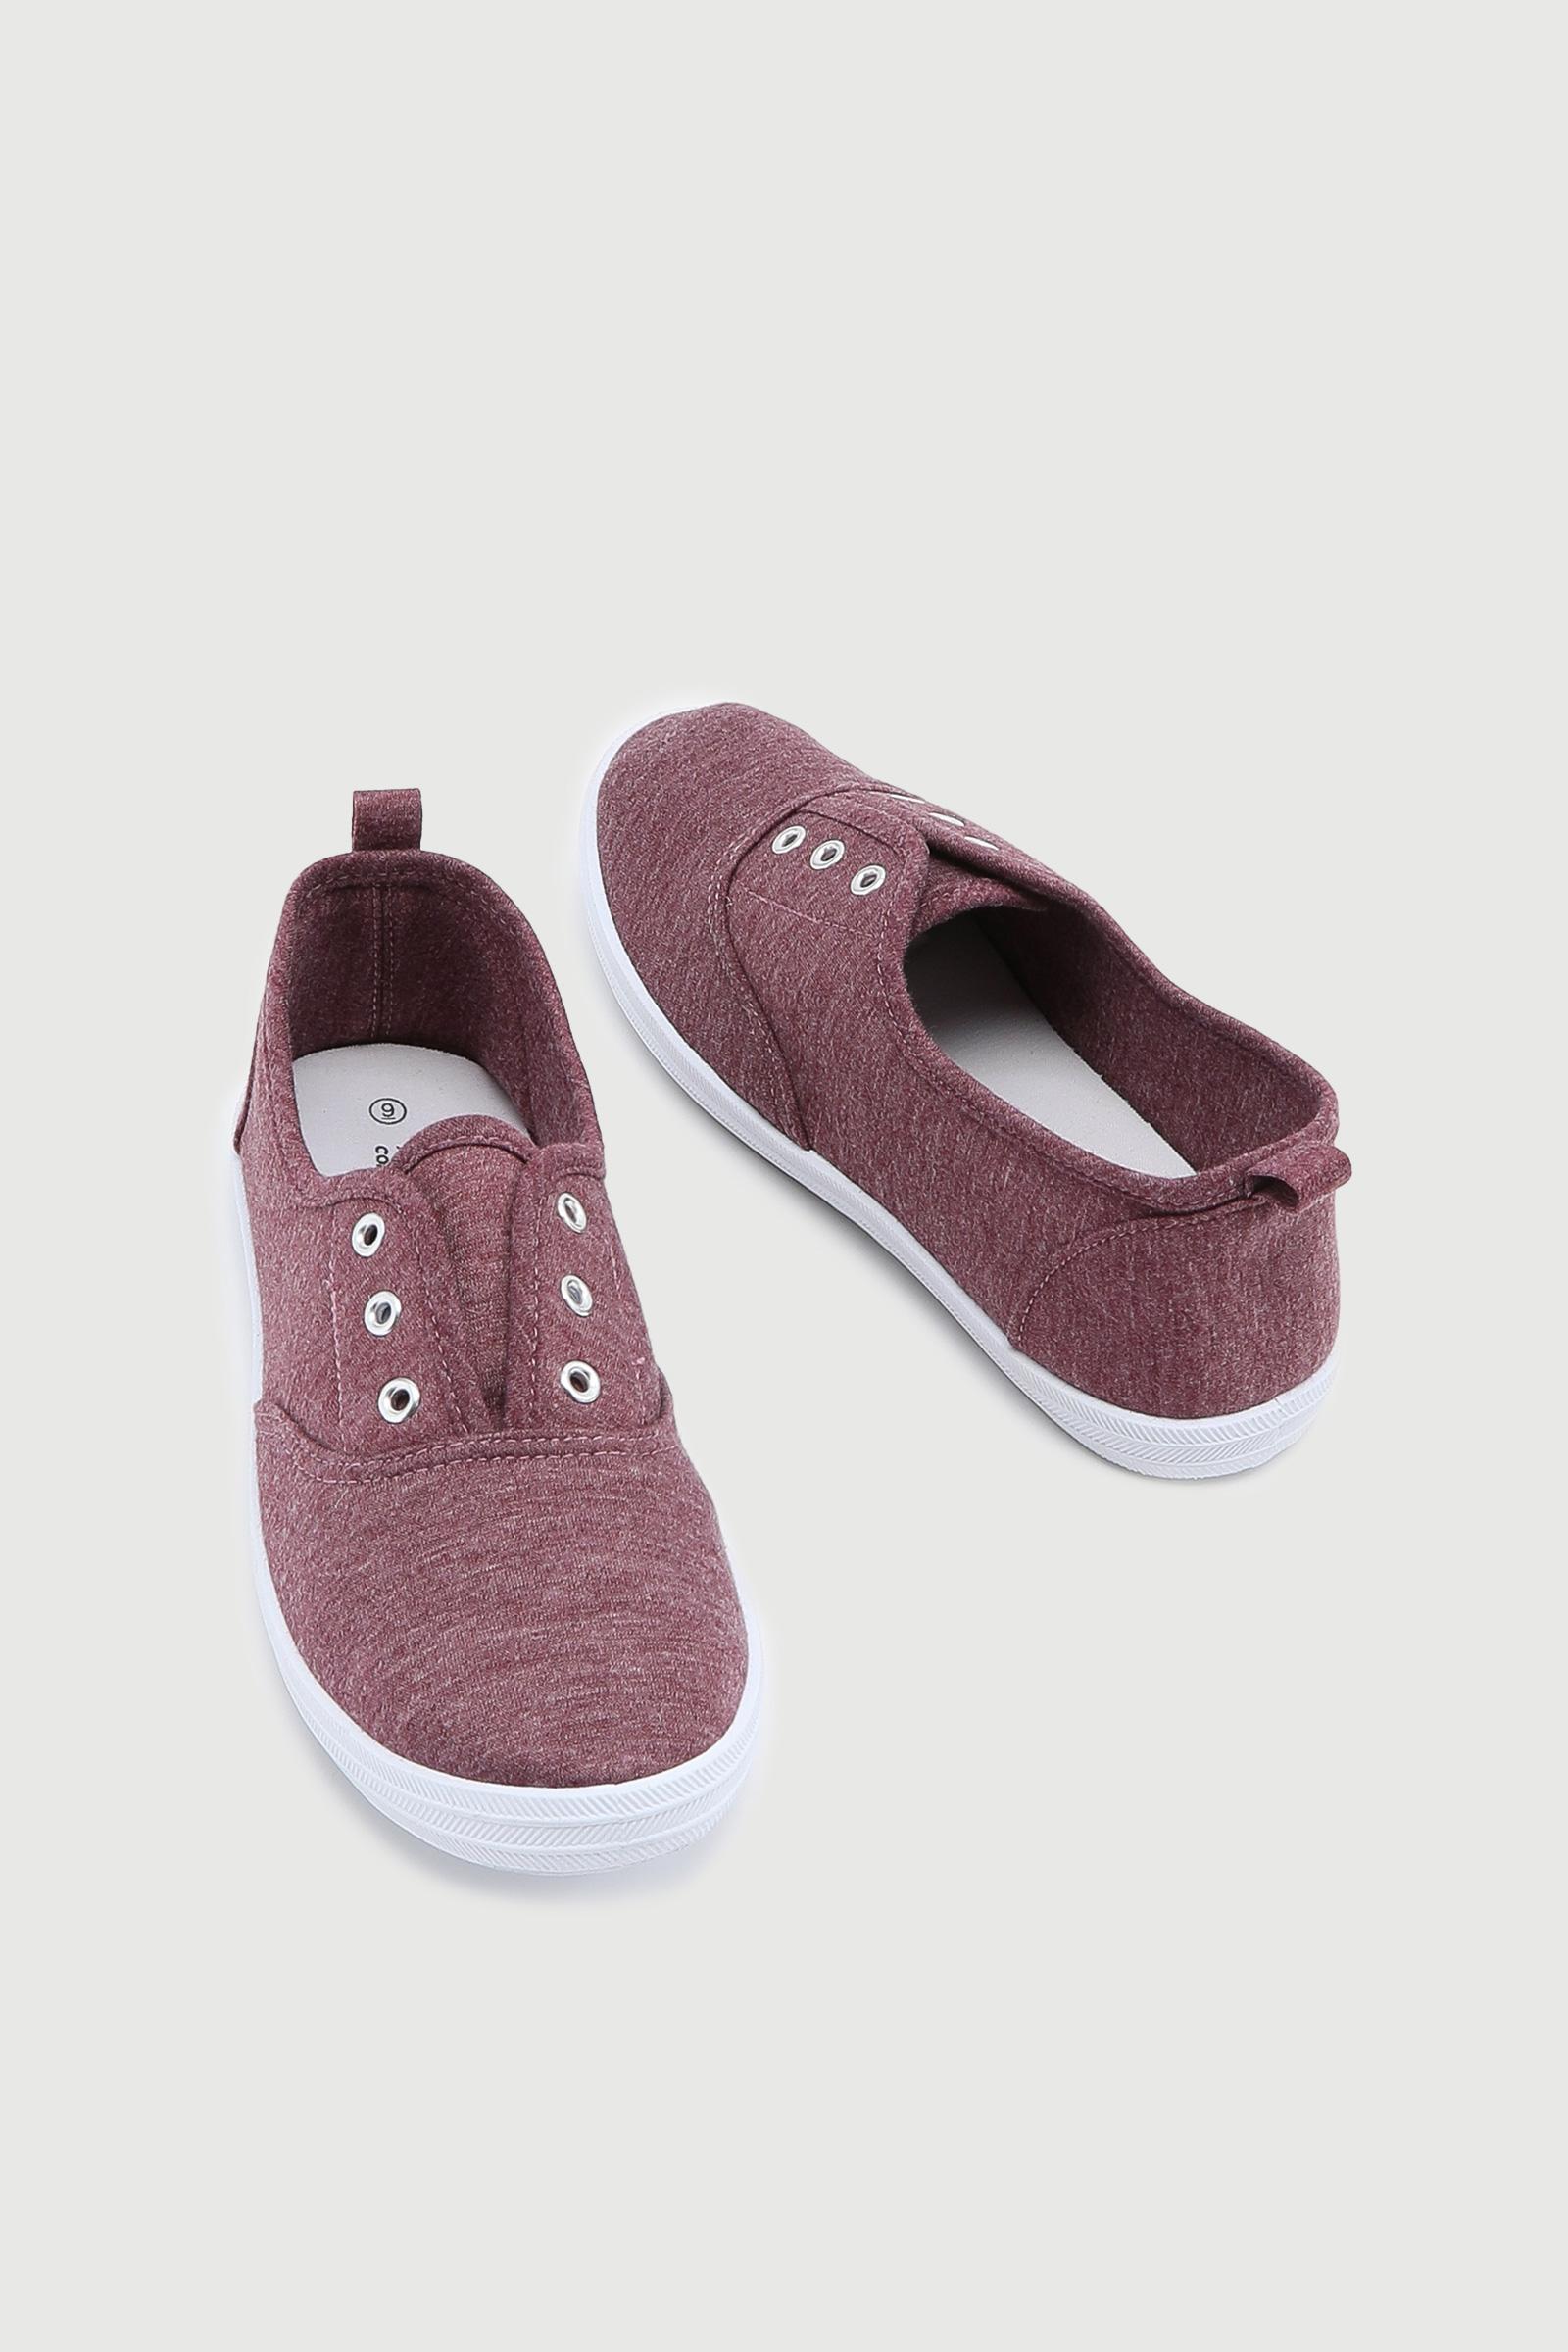 Eyeleted Slip-On Sneakers